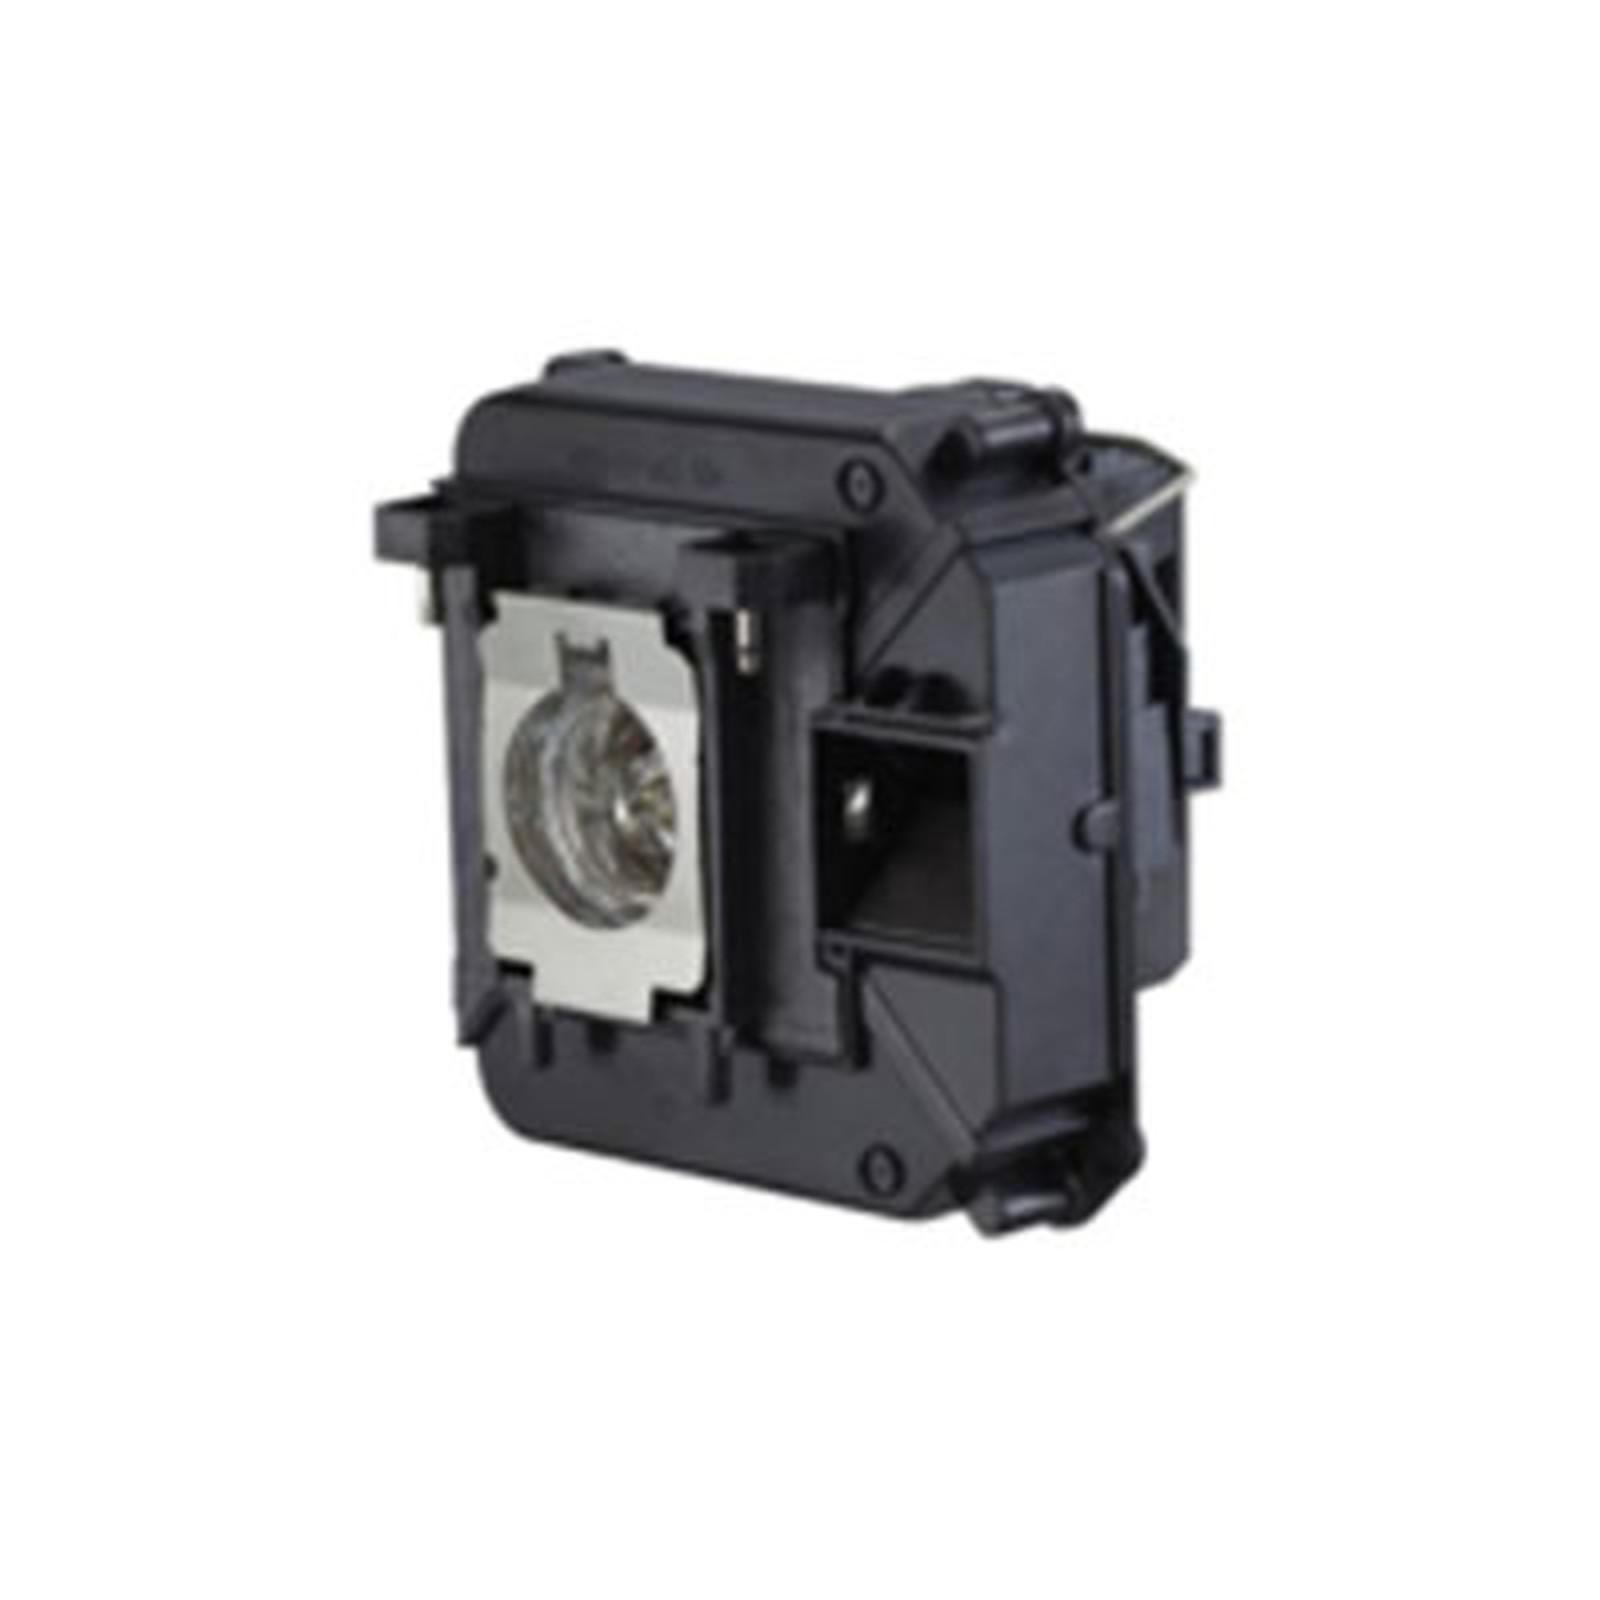 Lampe de remplacement (compatible Epson ELPLP68 / V13H010L68 / V12H010)